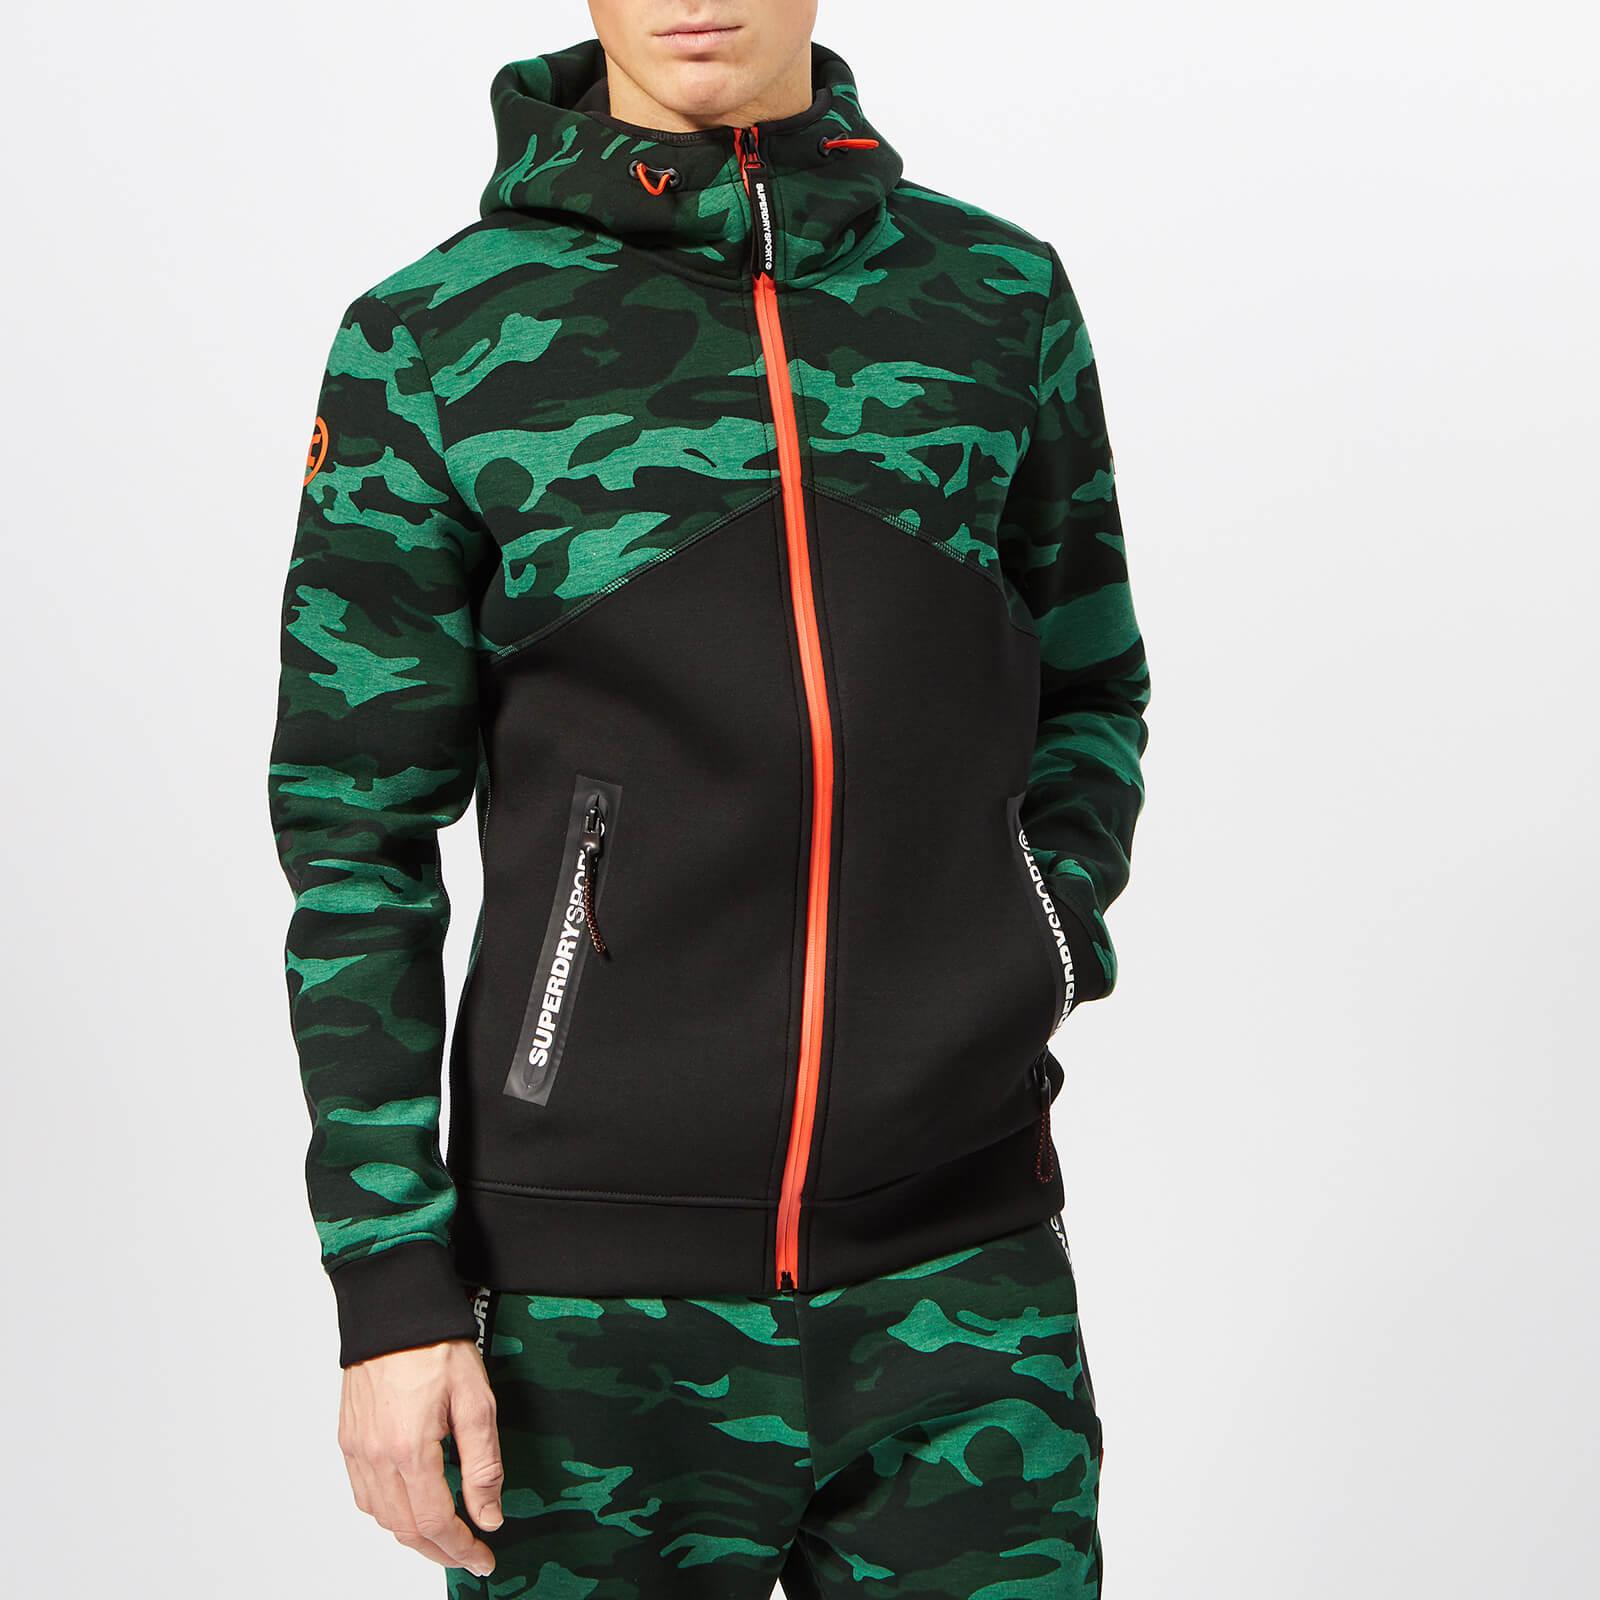 Superdry Sport Men's Gym Tech Spliced Zip Hoody - Forest Camo - XL - Green